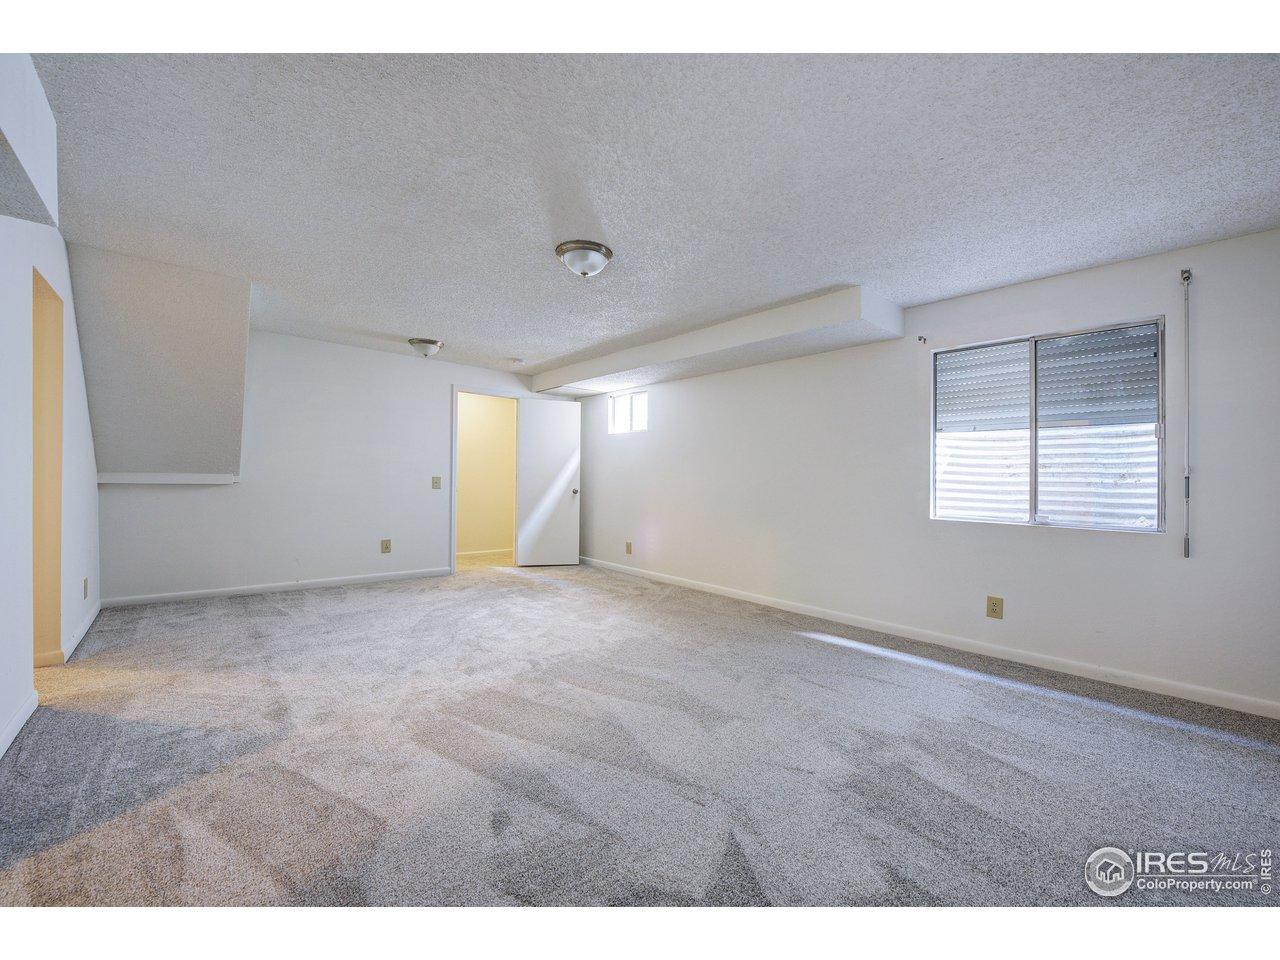 Basement has huge rec room & egress window